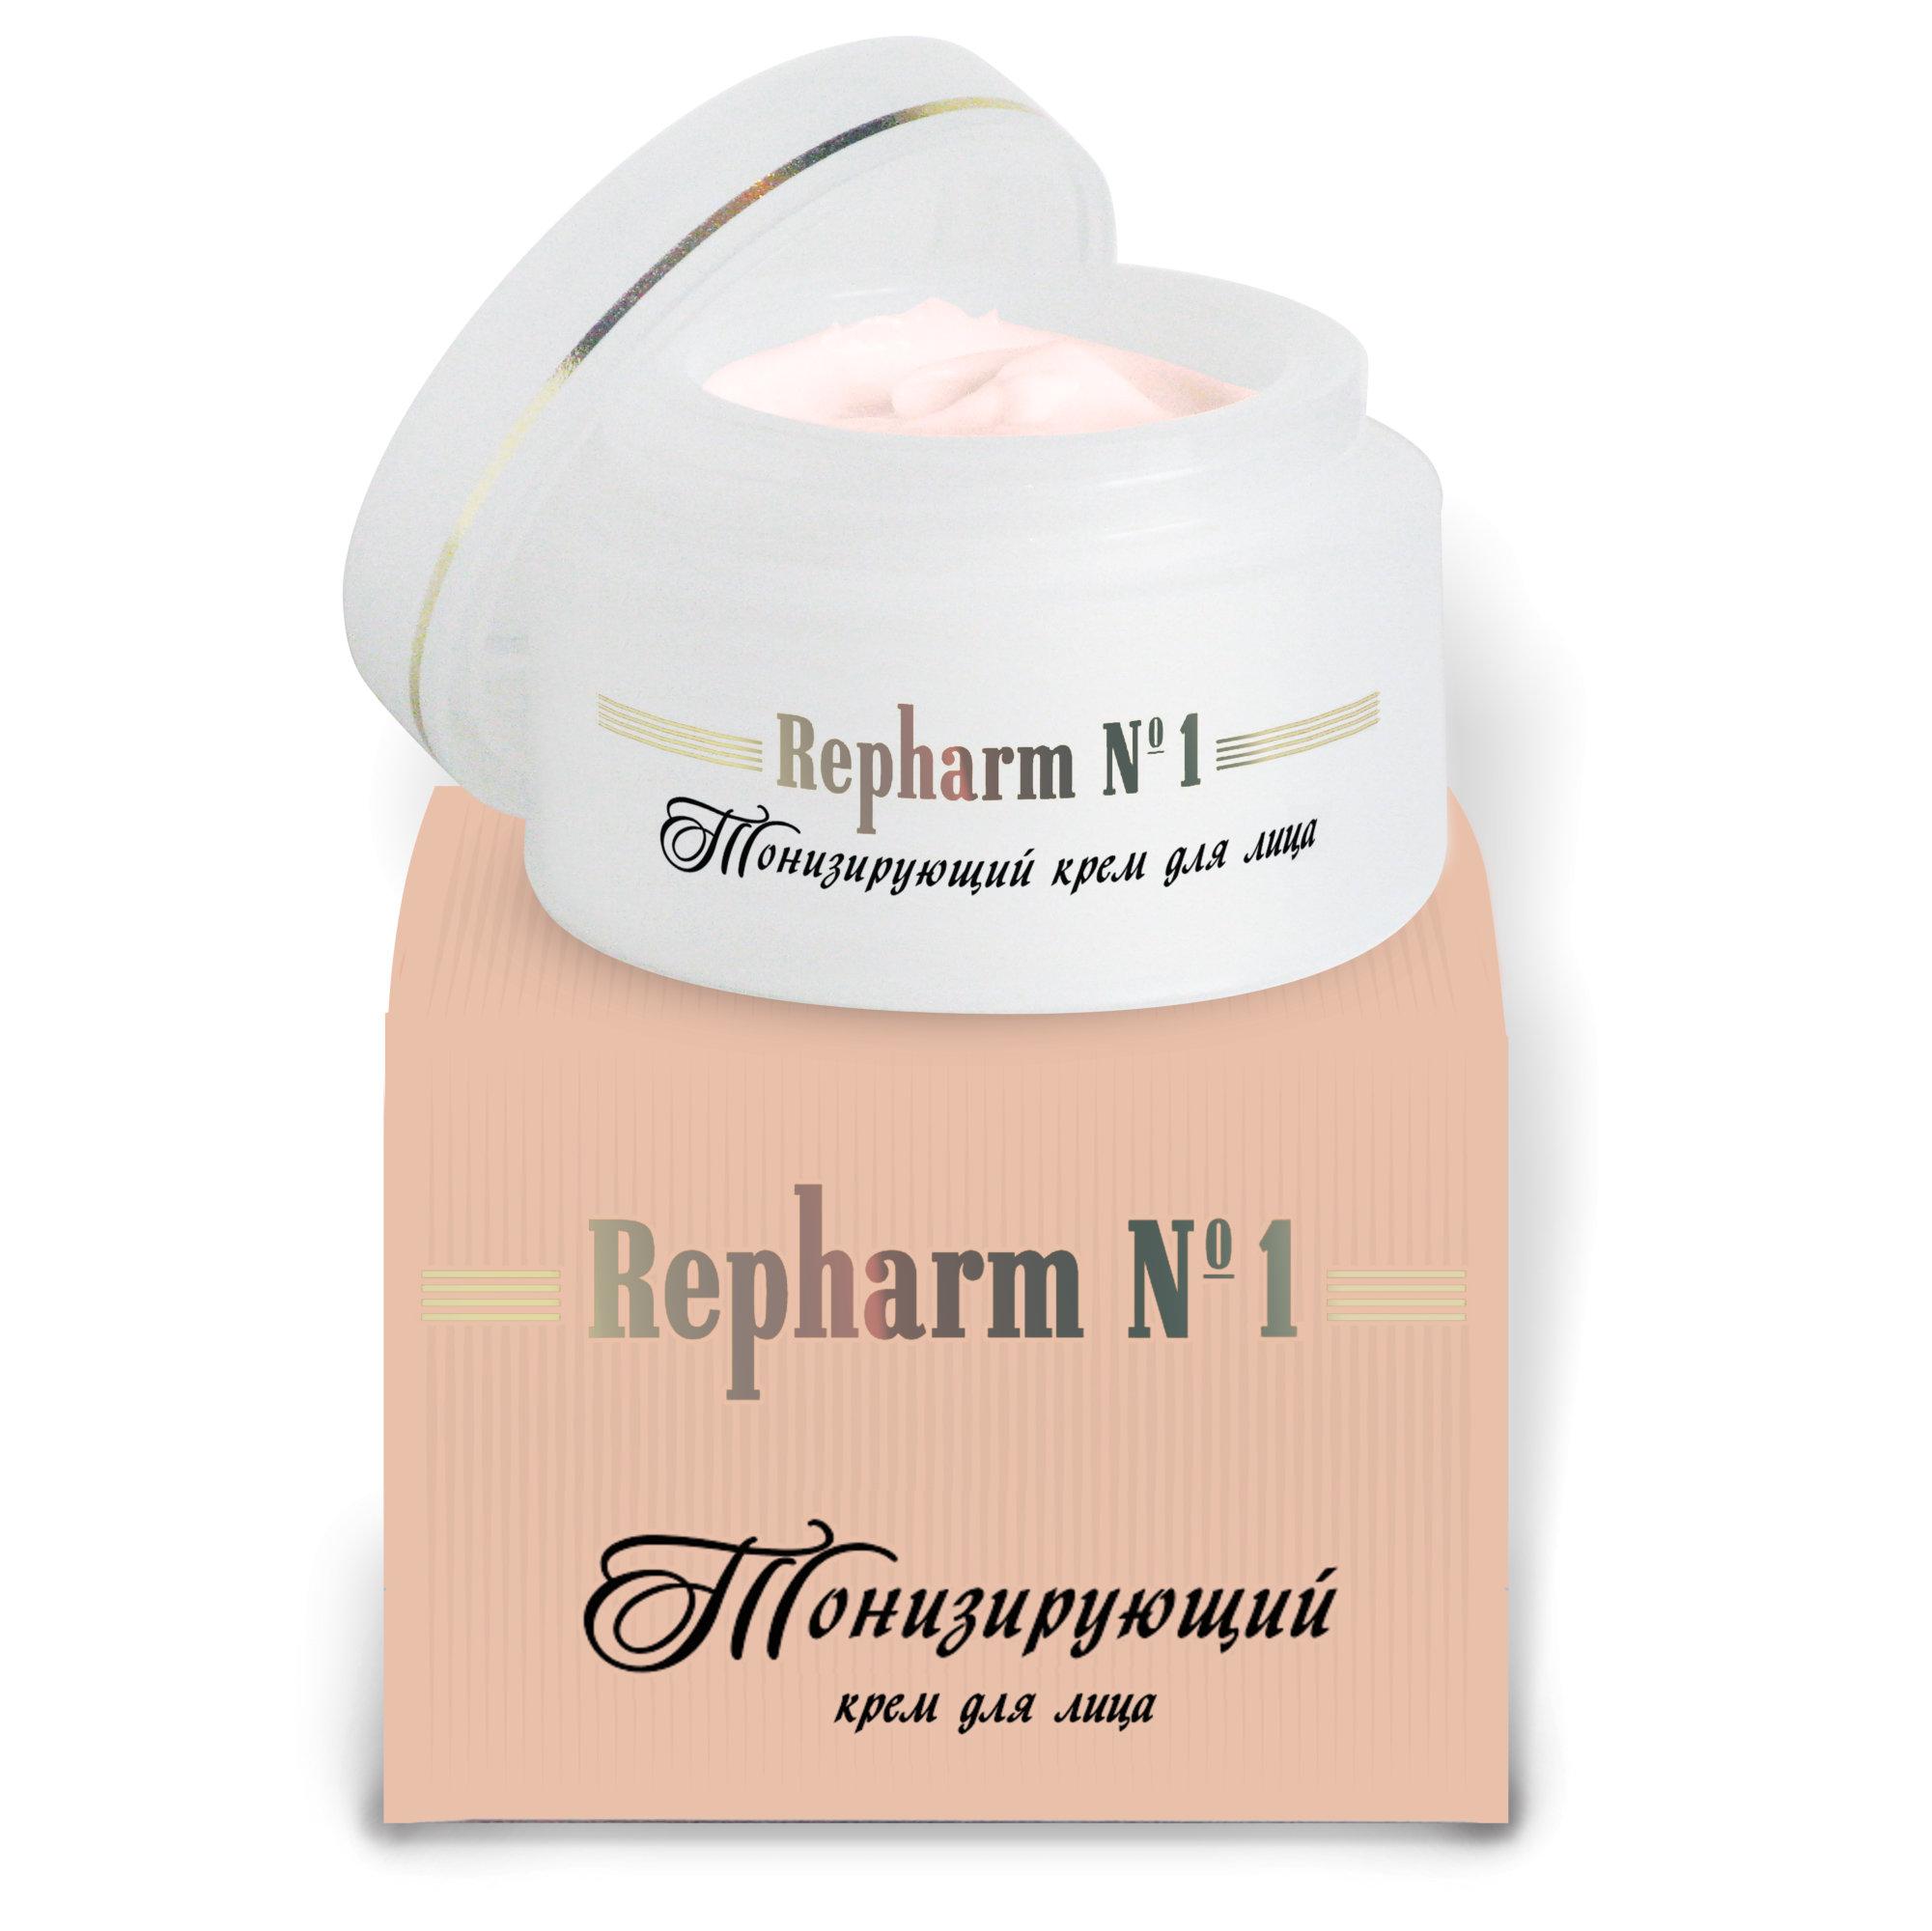 РЕФАРМ Крем для лица тонизирующий  РЕФАРМ  1  / Repharm 50млКремы<br>Рекомендуется как основное средство ухода за зрелой кожей любого типа. Активизирует обменные процессы в клетках, содержит растительные экстракты родиолы розовой, боярышника, конского каштана, аденозин монофосфат, лимонную и янтарную кислоты, витамины и бисфосфатный комплекс. Крем насыщает кожу влагой, подтягивает ее (лифтинг-эффект), разглаживает мелкие морщинки.<br><br>Объем: 50 мл<br>Вид средства для лица: Тонизирующий